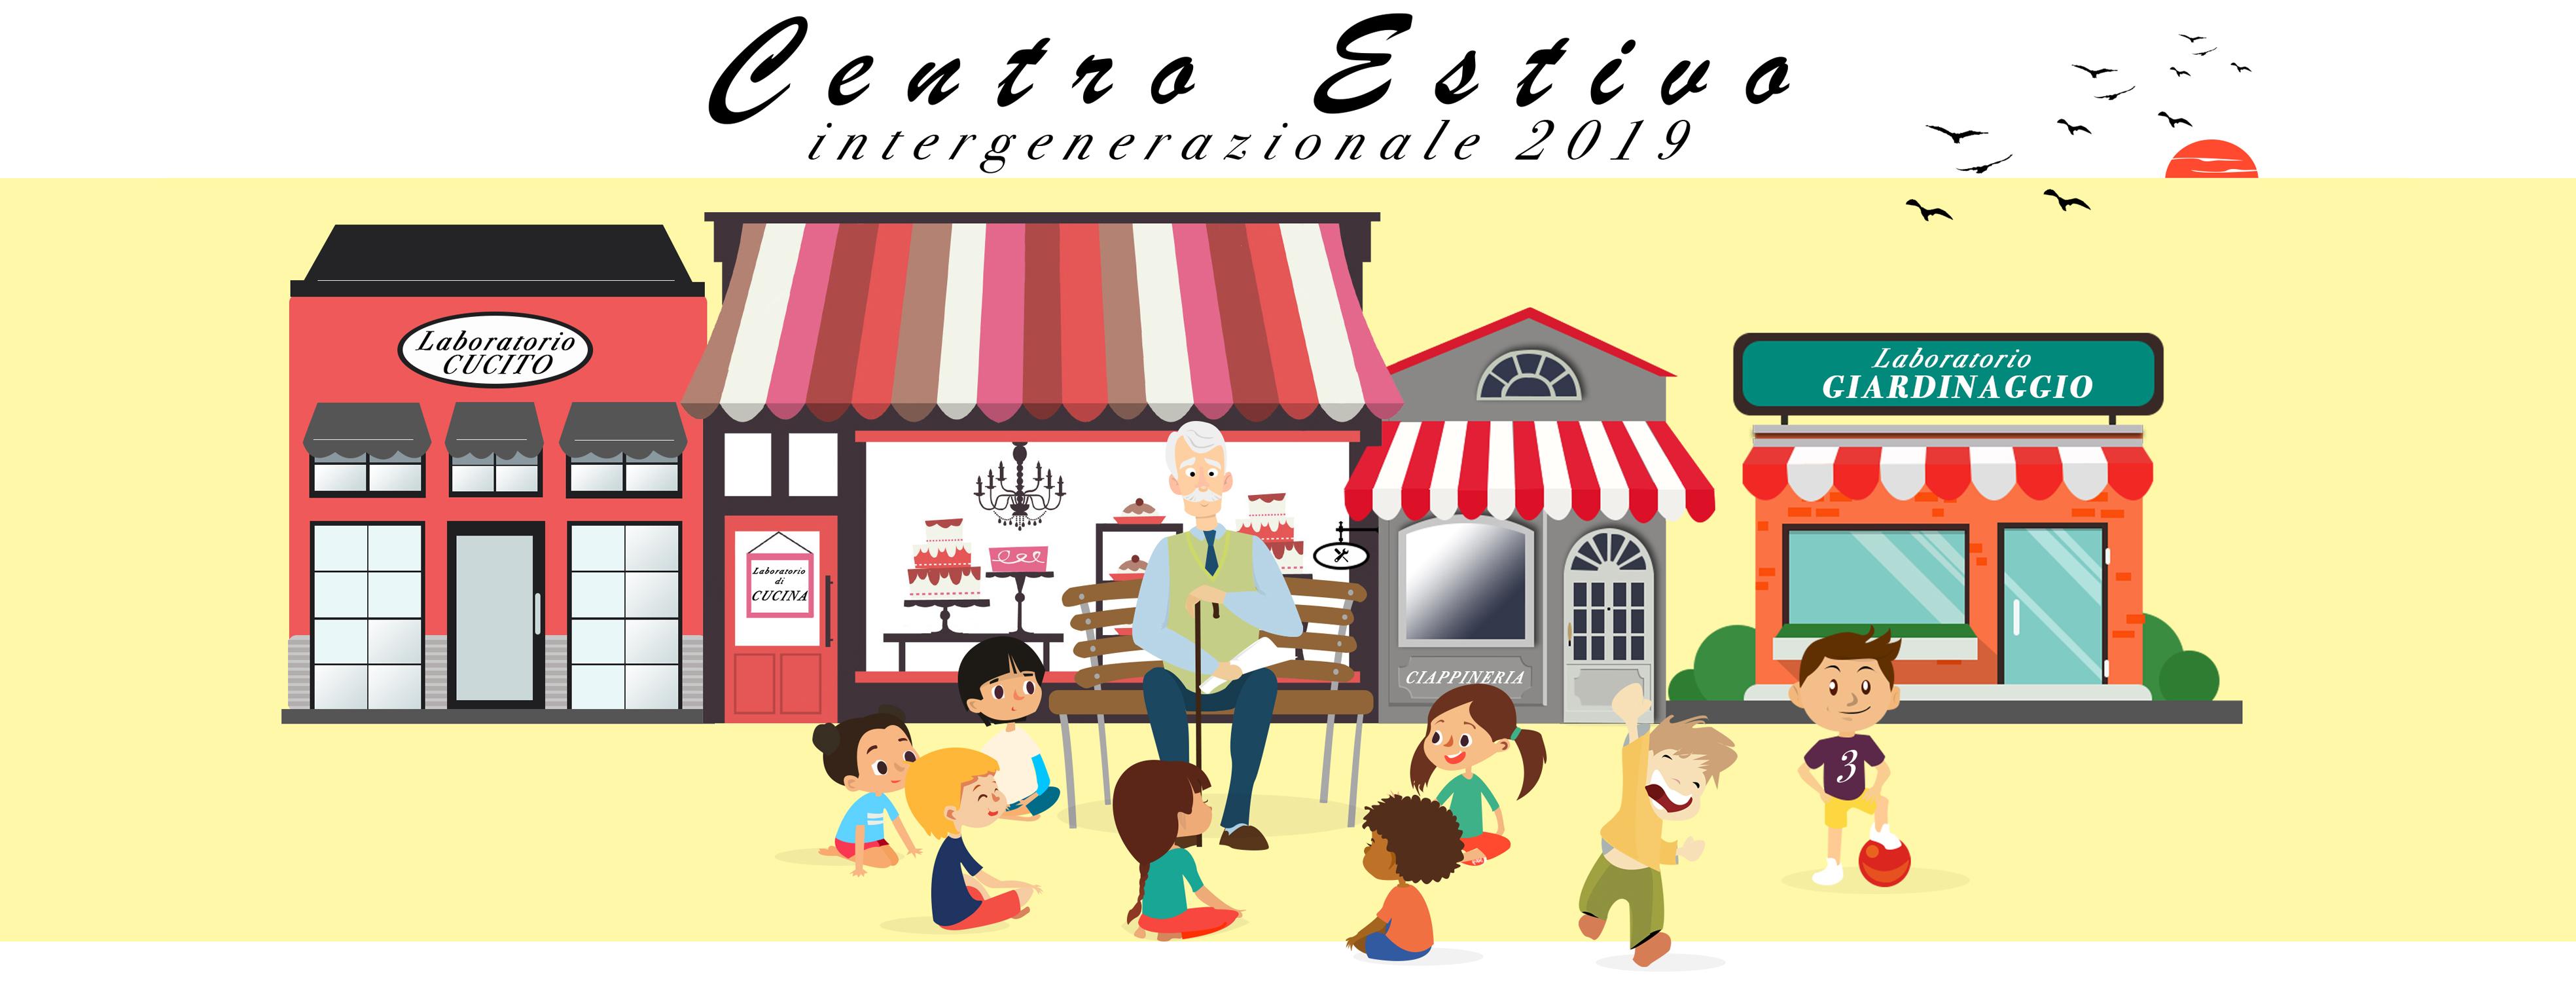 centro estivo intergenerazionale 2019 organizzato da Aps Bolab in collaborazione con Villa Bernaroli